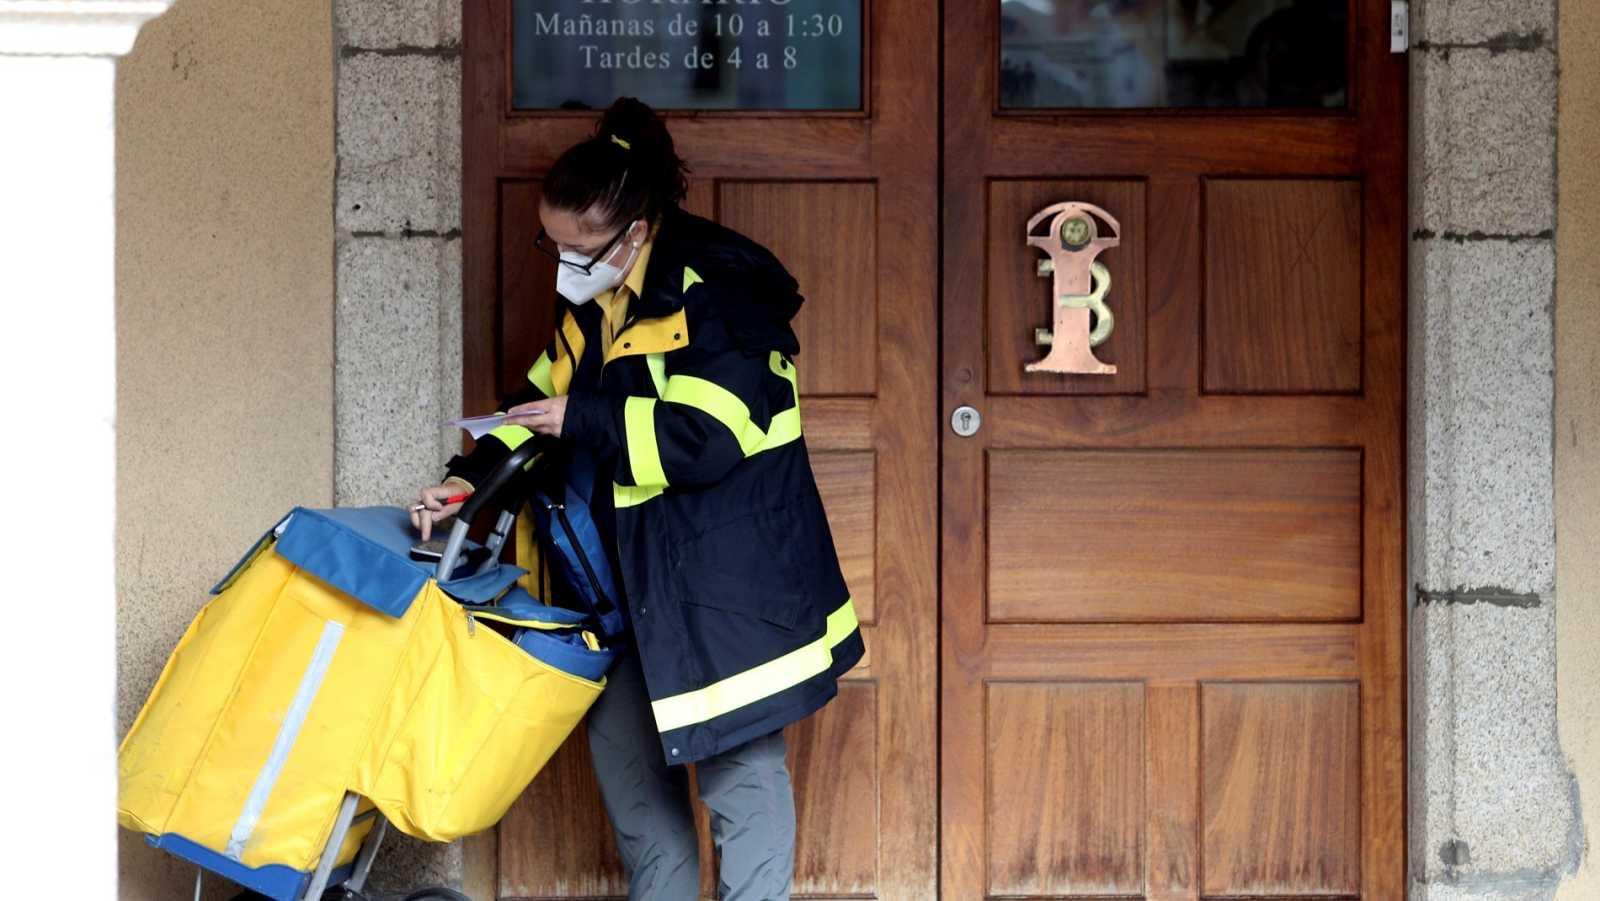 Una trabajadora de Correos entrega unas cartas en Ponferrada